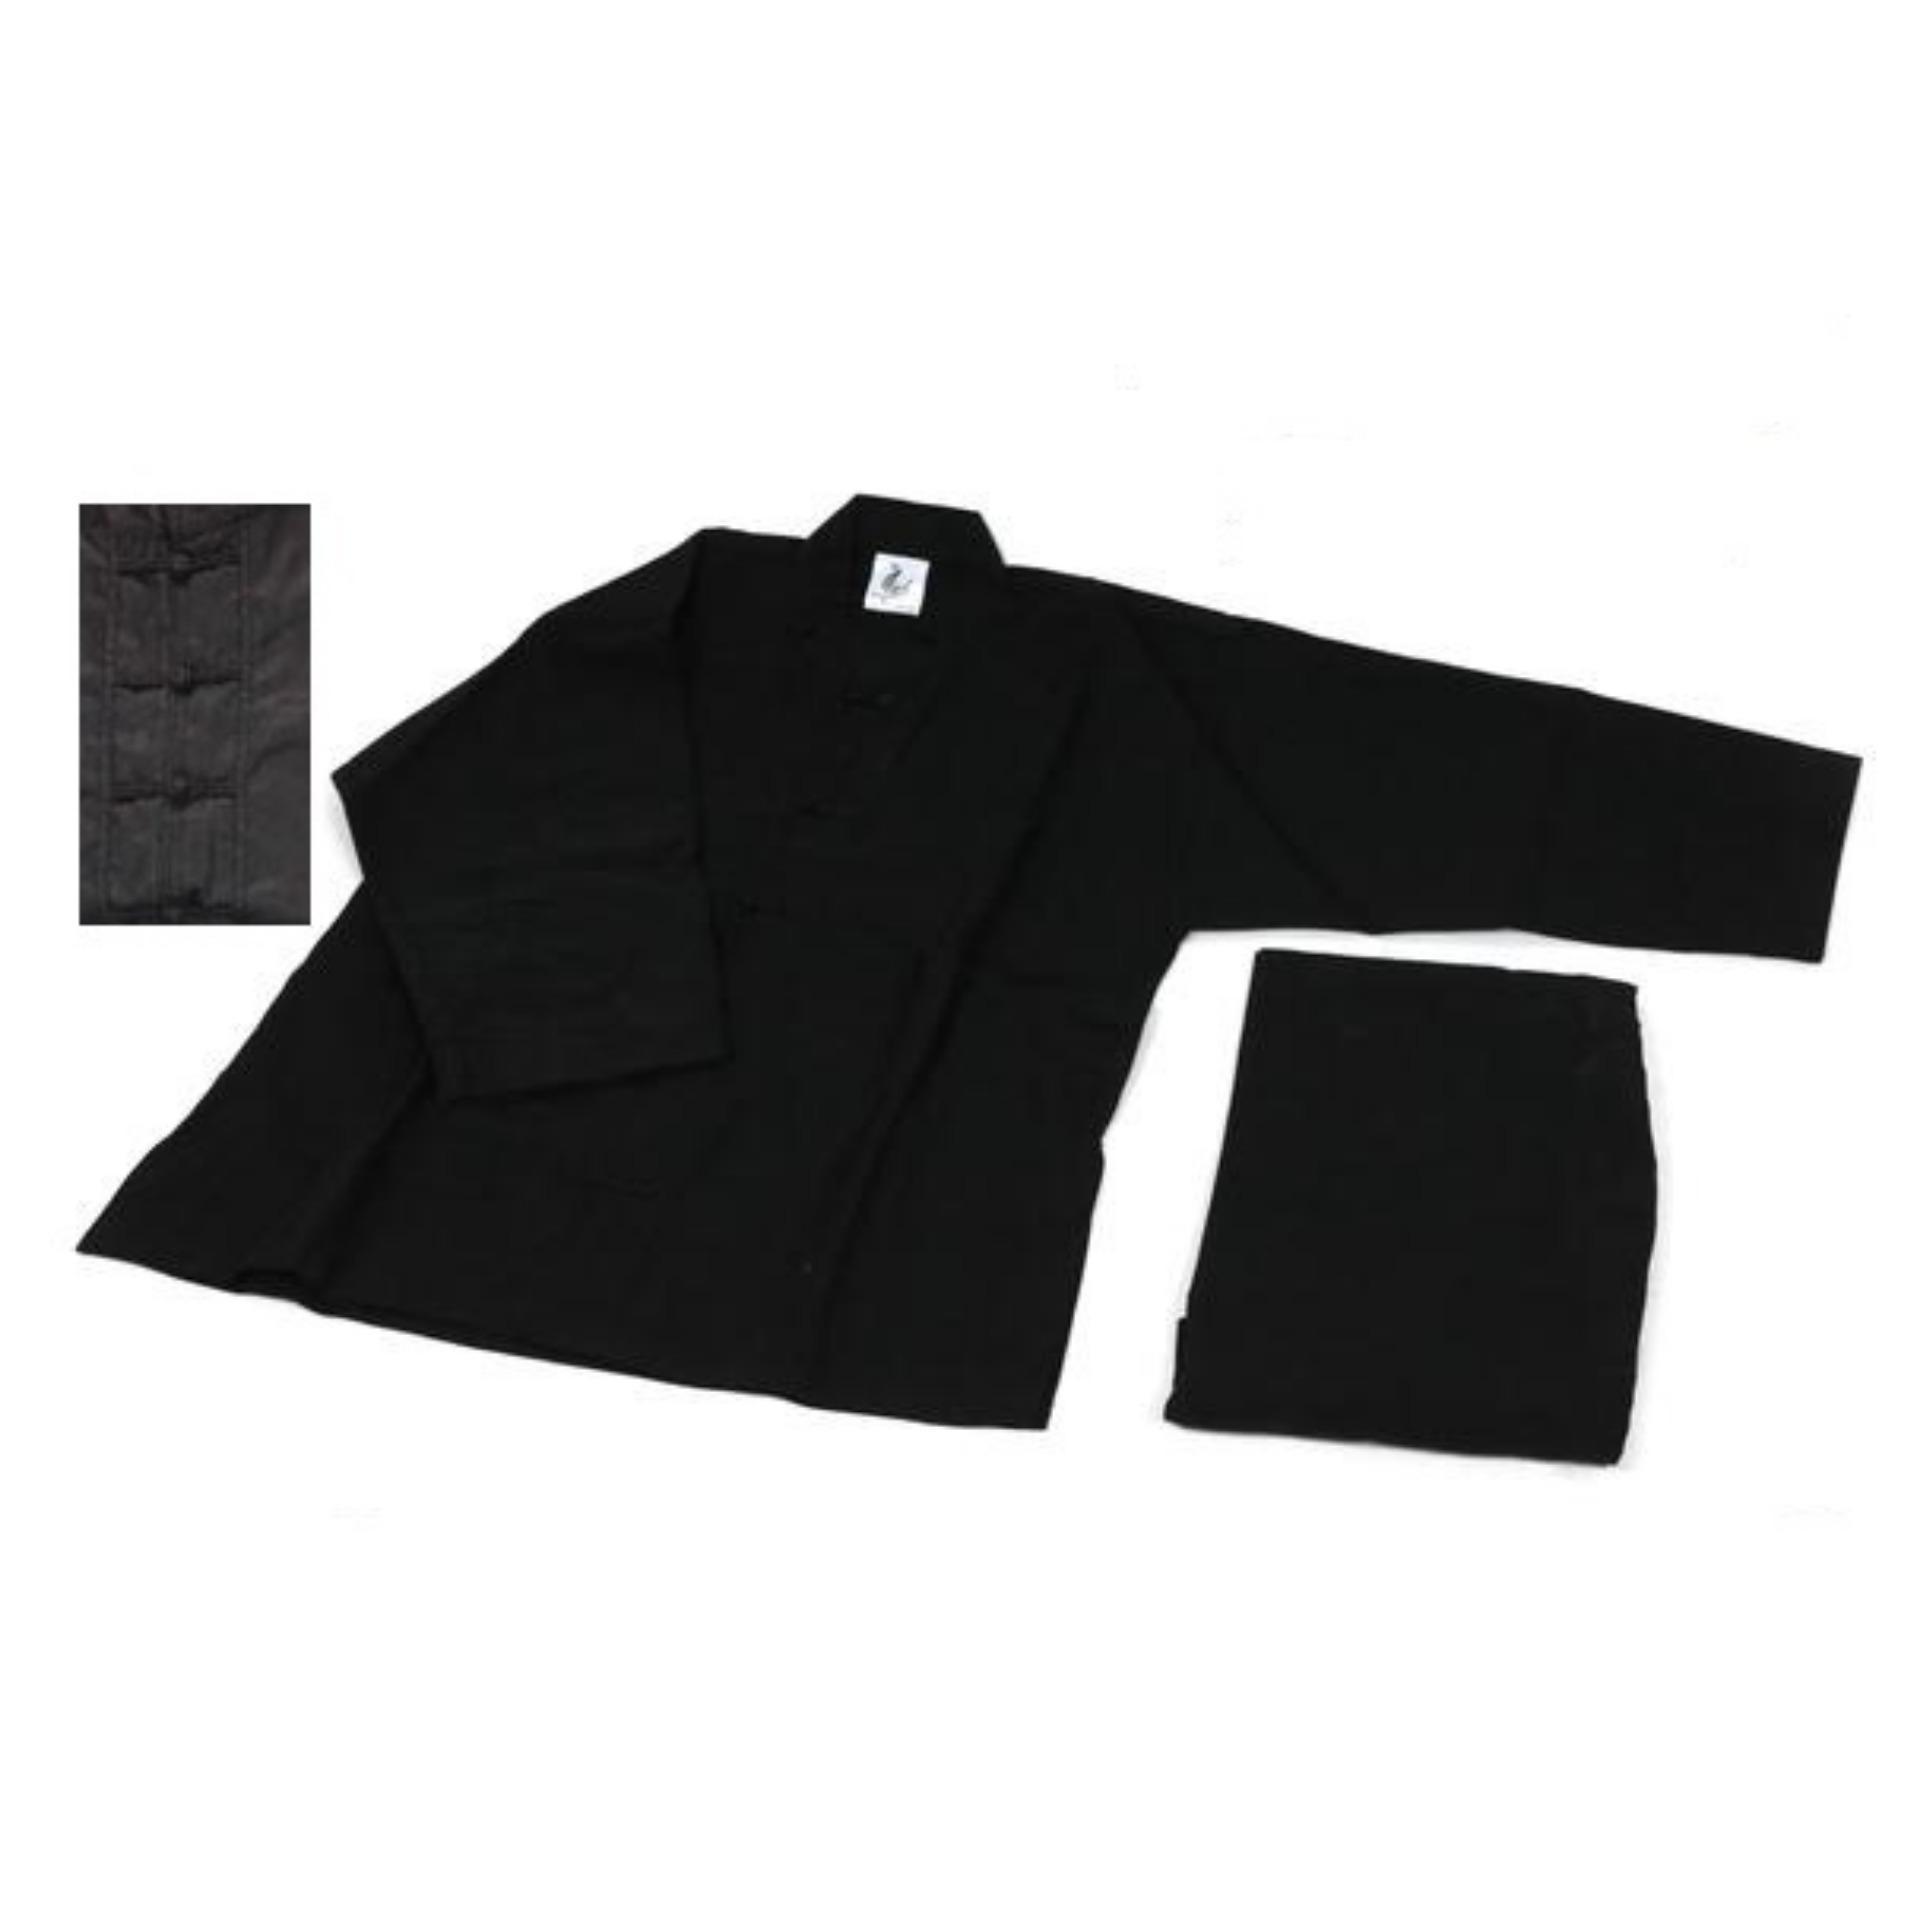 Võ phục quần áo kungfu màu đen vải kaki